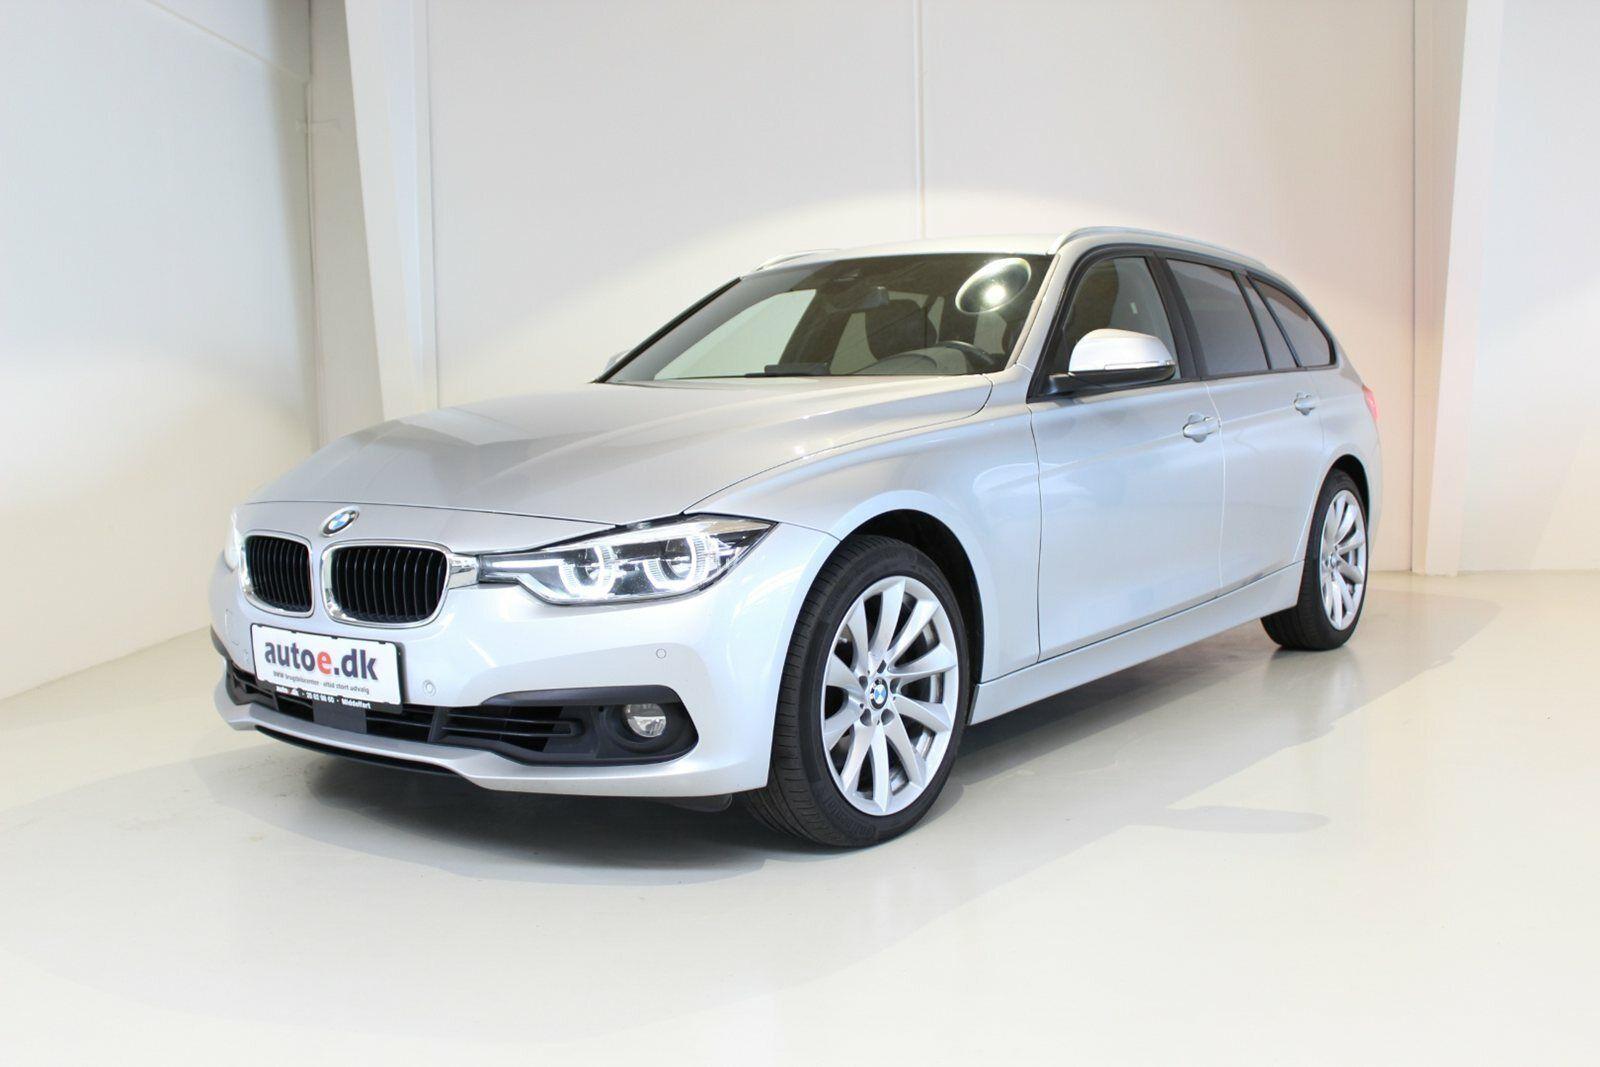 BMW 330d 3,0 Touring xDrive aut. 5d - 369.800 kr.